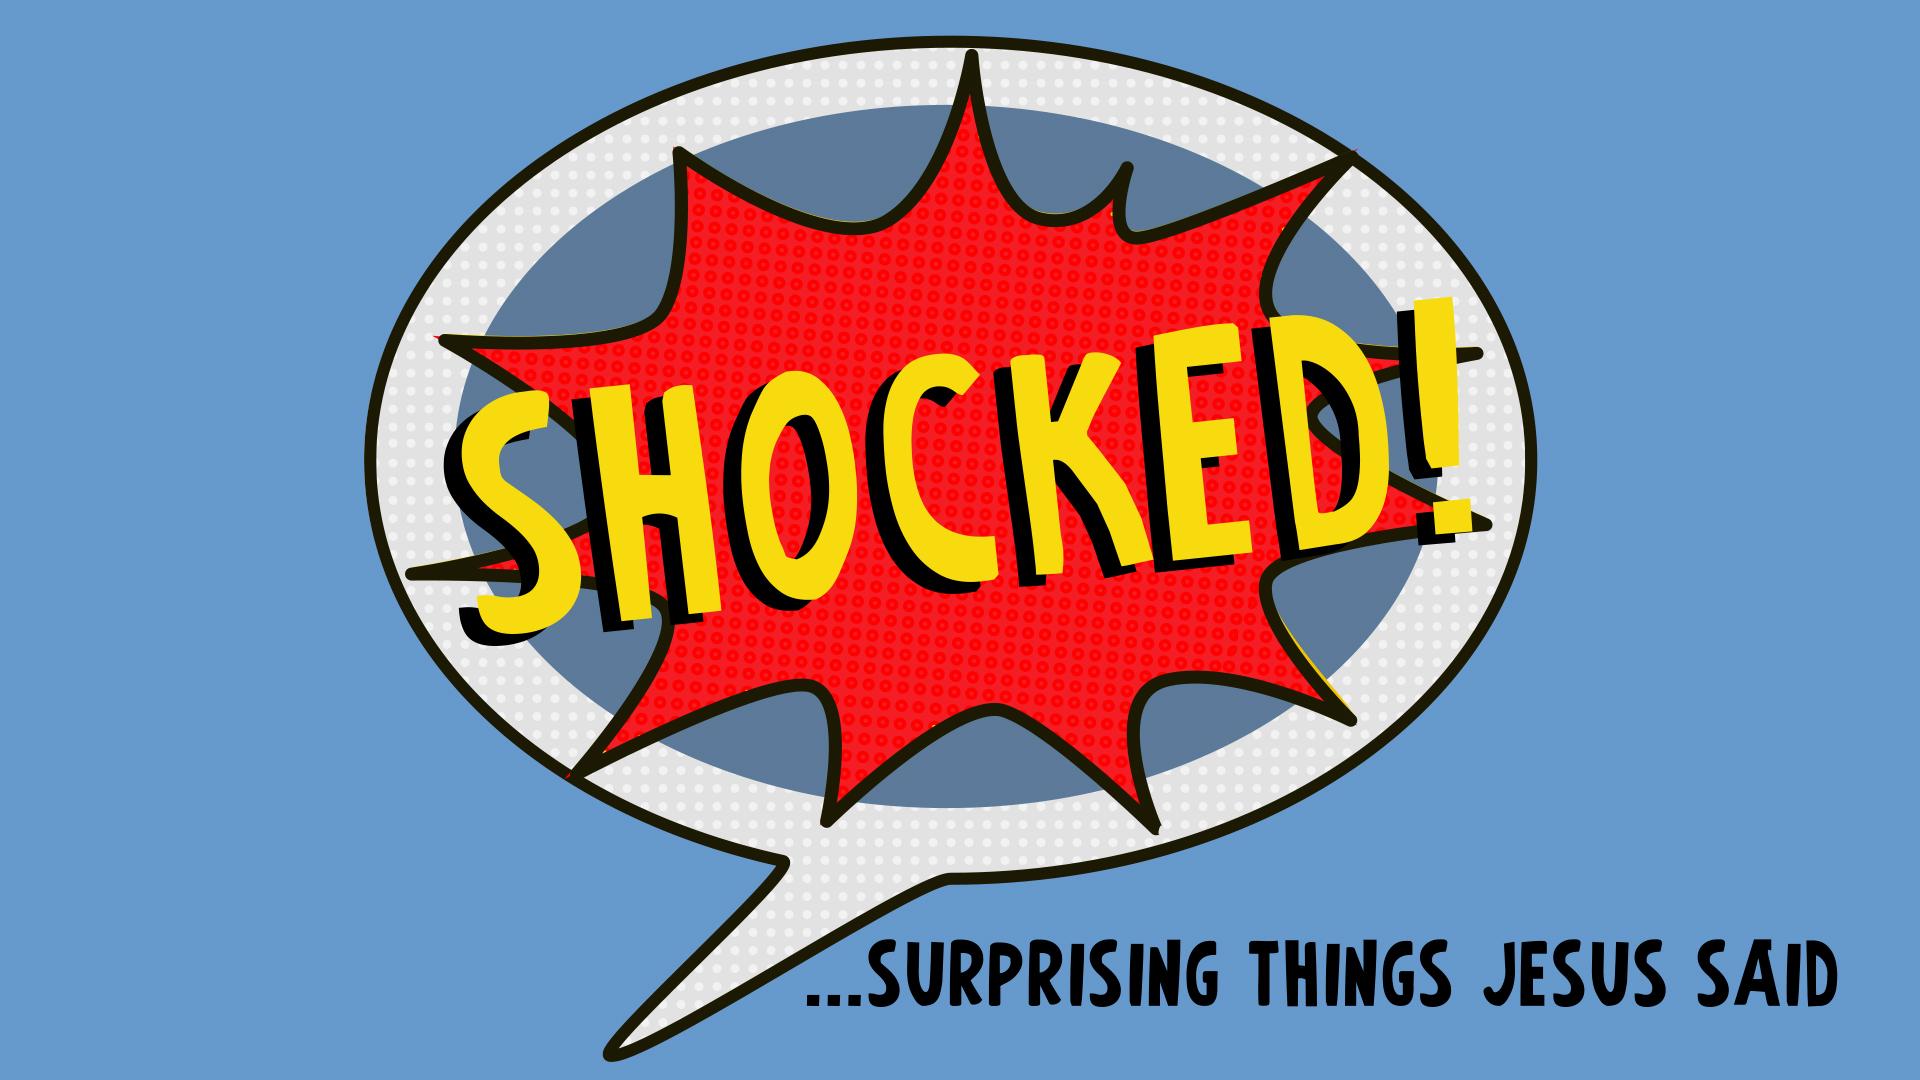 NEW SERMON SERIES BEGINS THIS SUNDAY: SHOCKED...Surprising Things Jesus Said